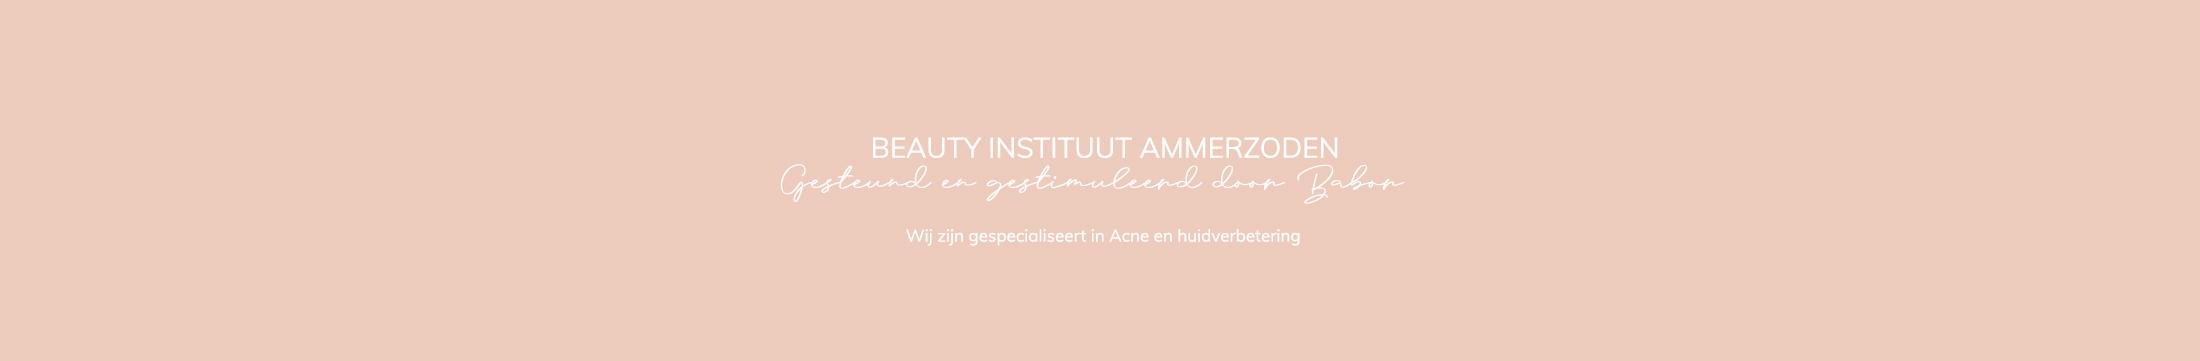 beautyinstituutammerzoden.nl